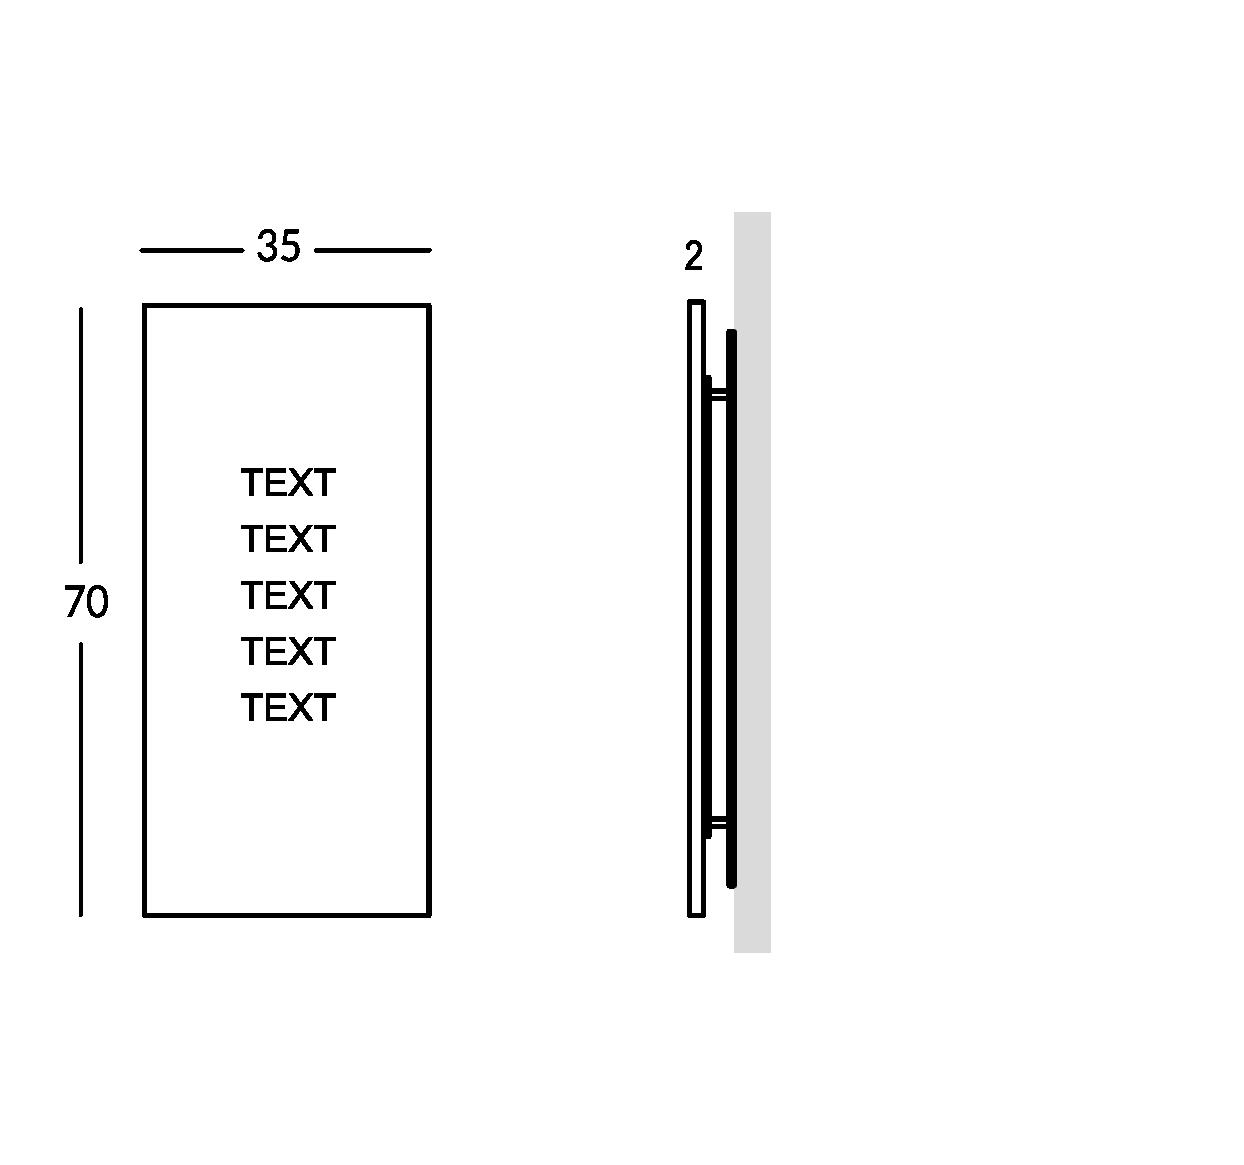 Señalización en plexiglas con letras grabadas. Versión grande.